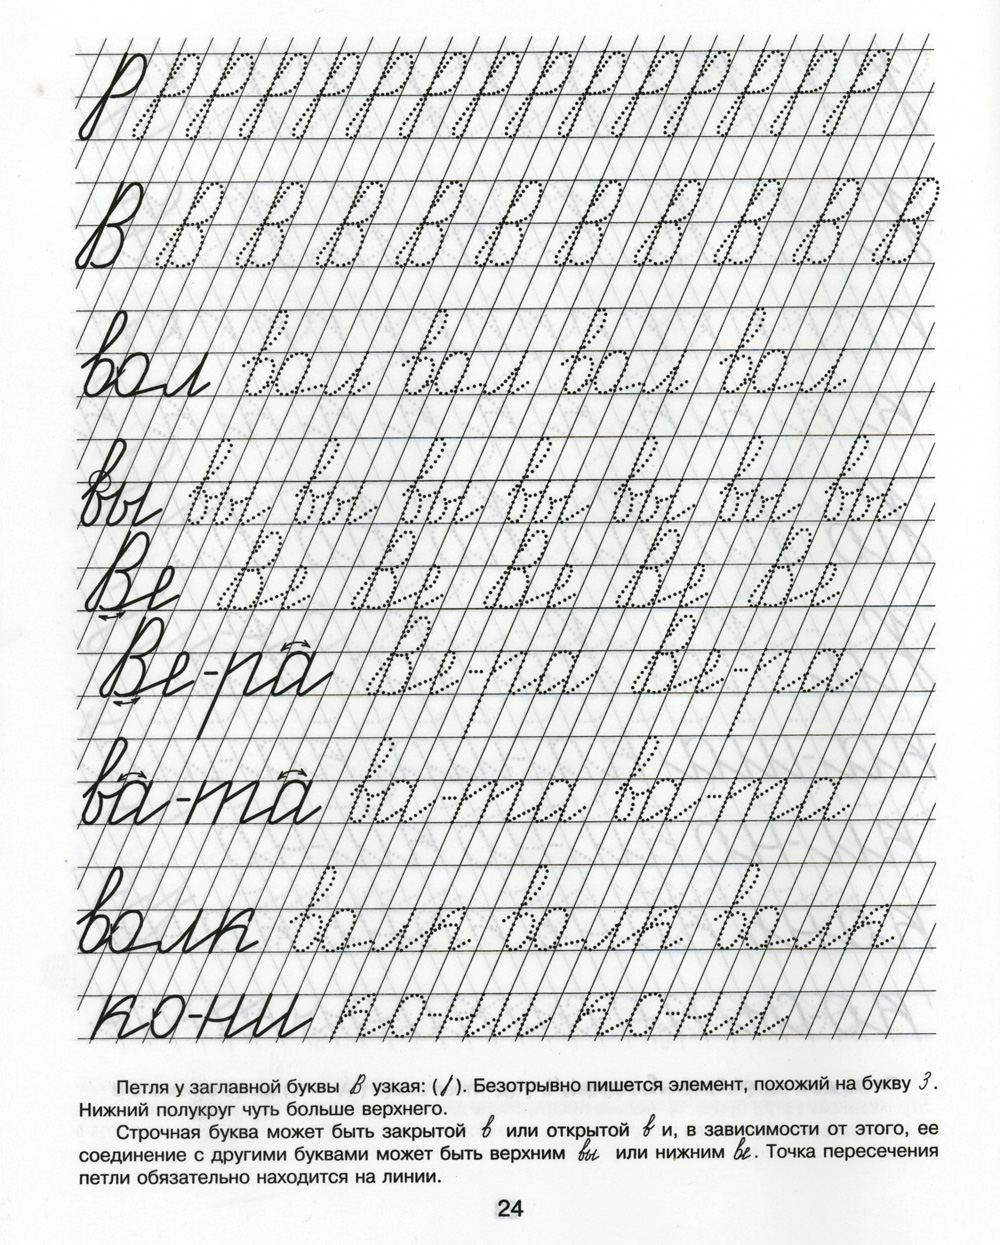 прописи для исправления почерка скачать бесплатно